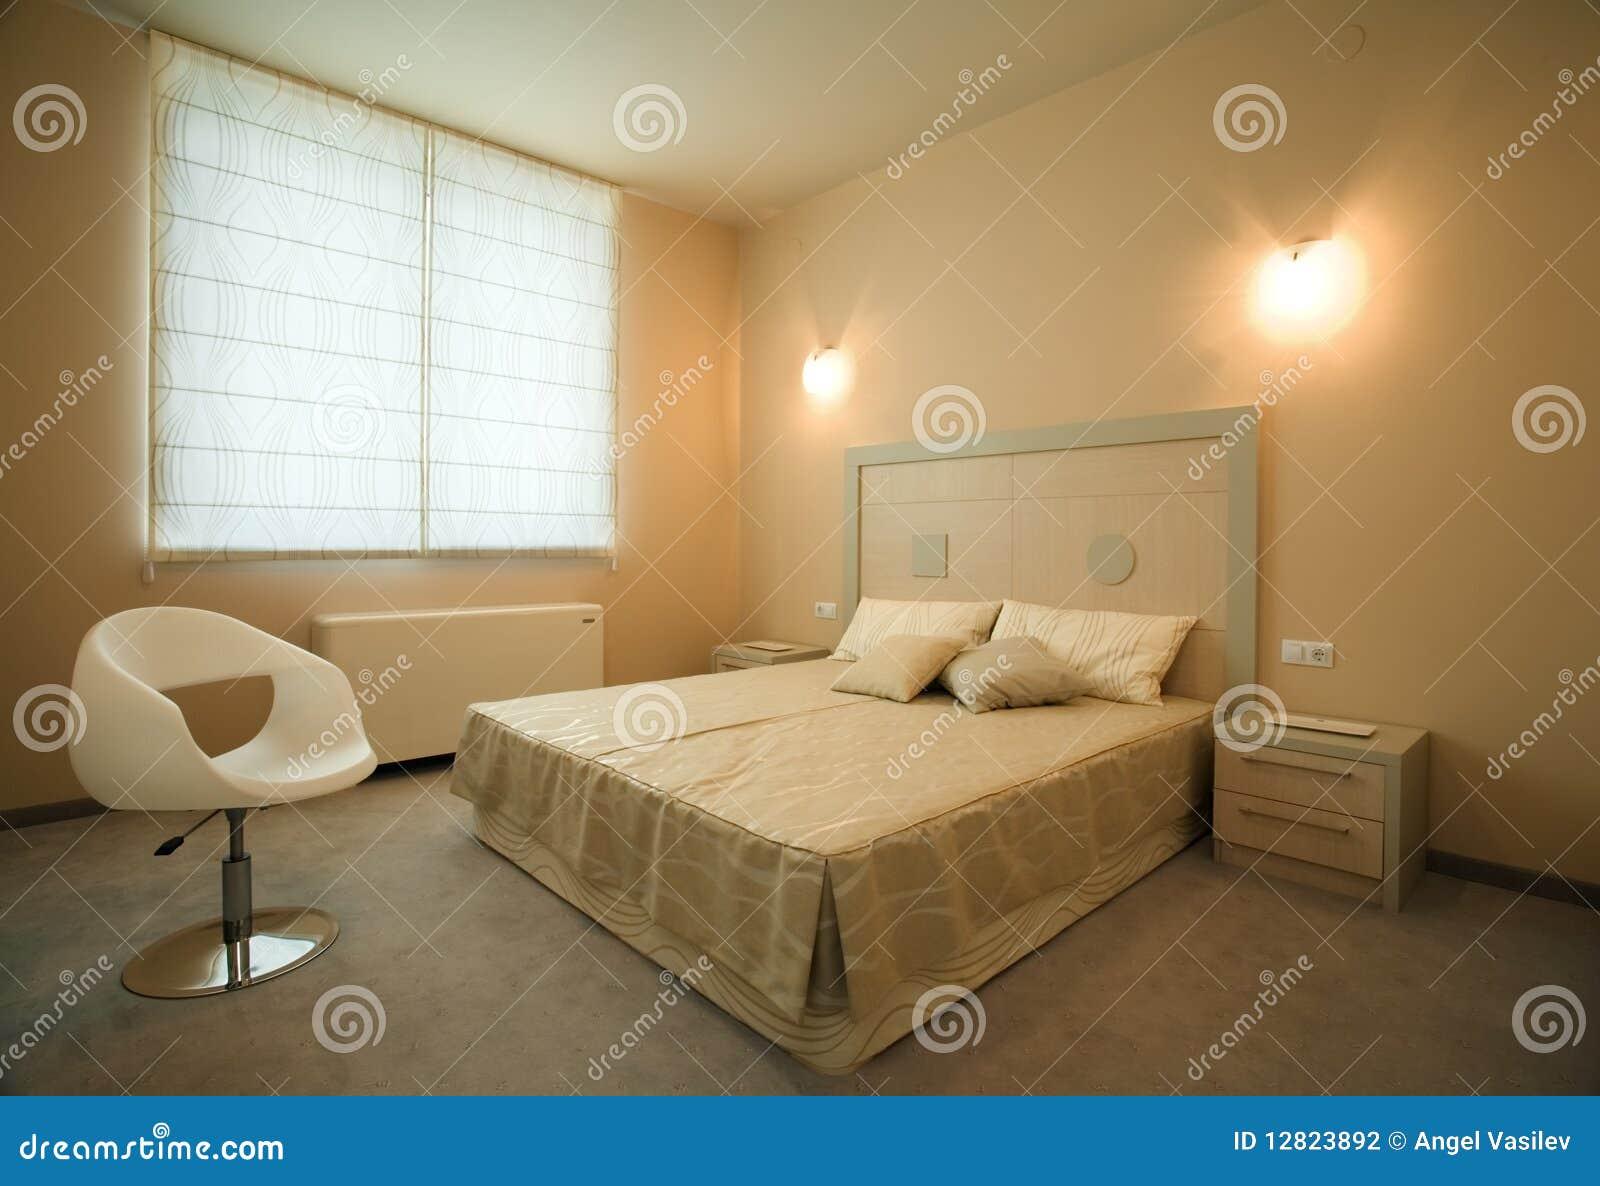 Disegno interno della camera da letto elegante e di lusso fotografia stock immagine 12823892 - I segreti della camera da letto ...